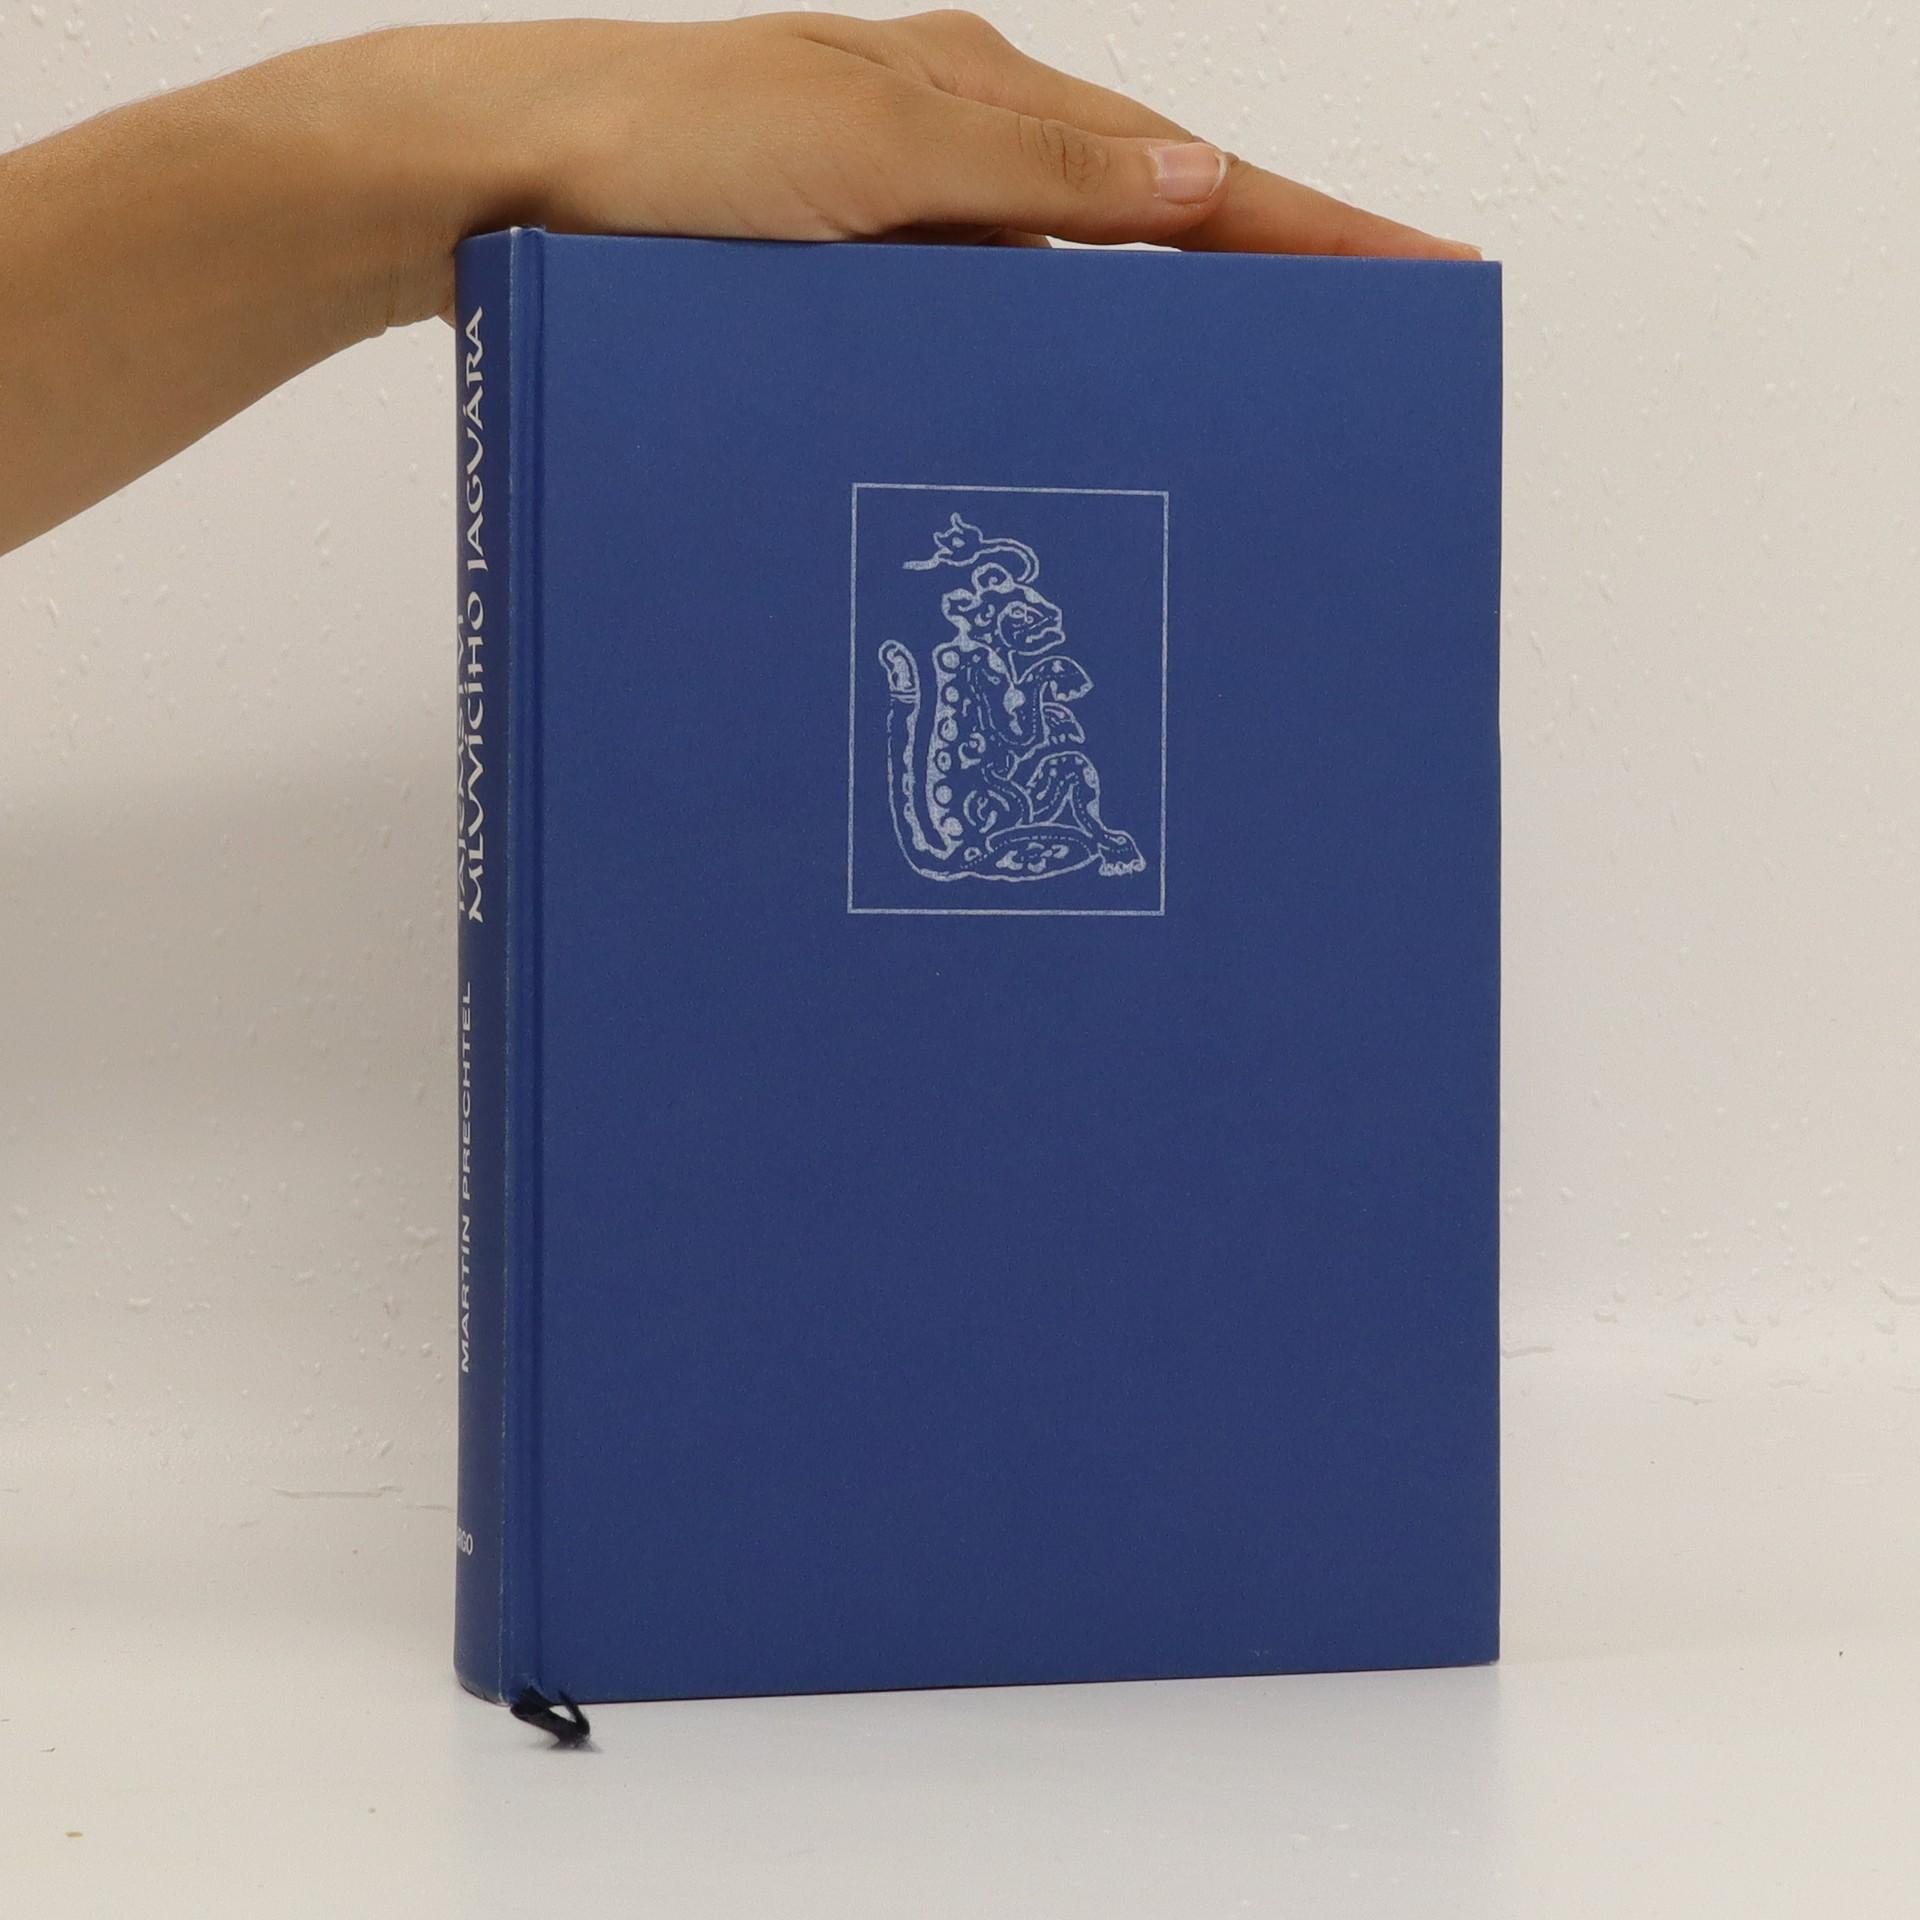 antikvární kniha Tajemství mluvícího jaguára, 2001